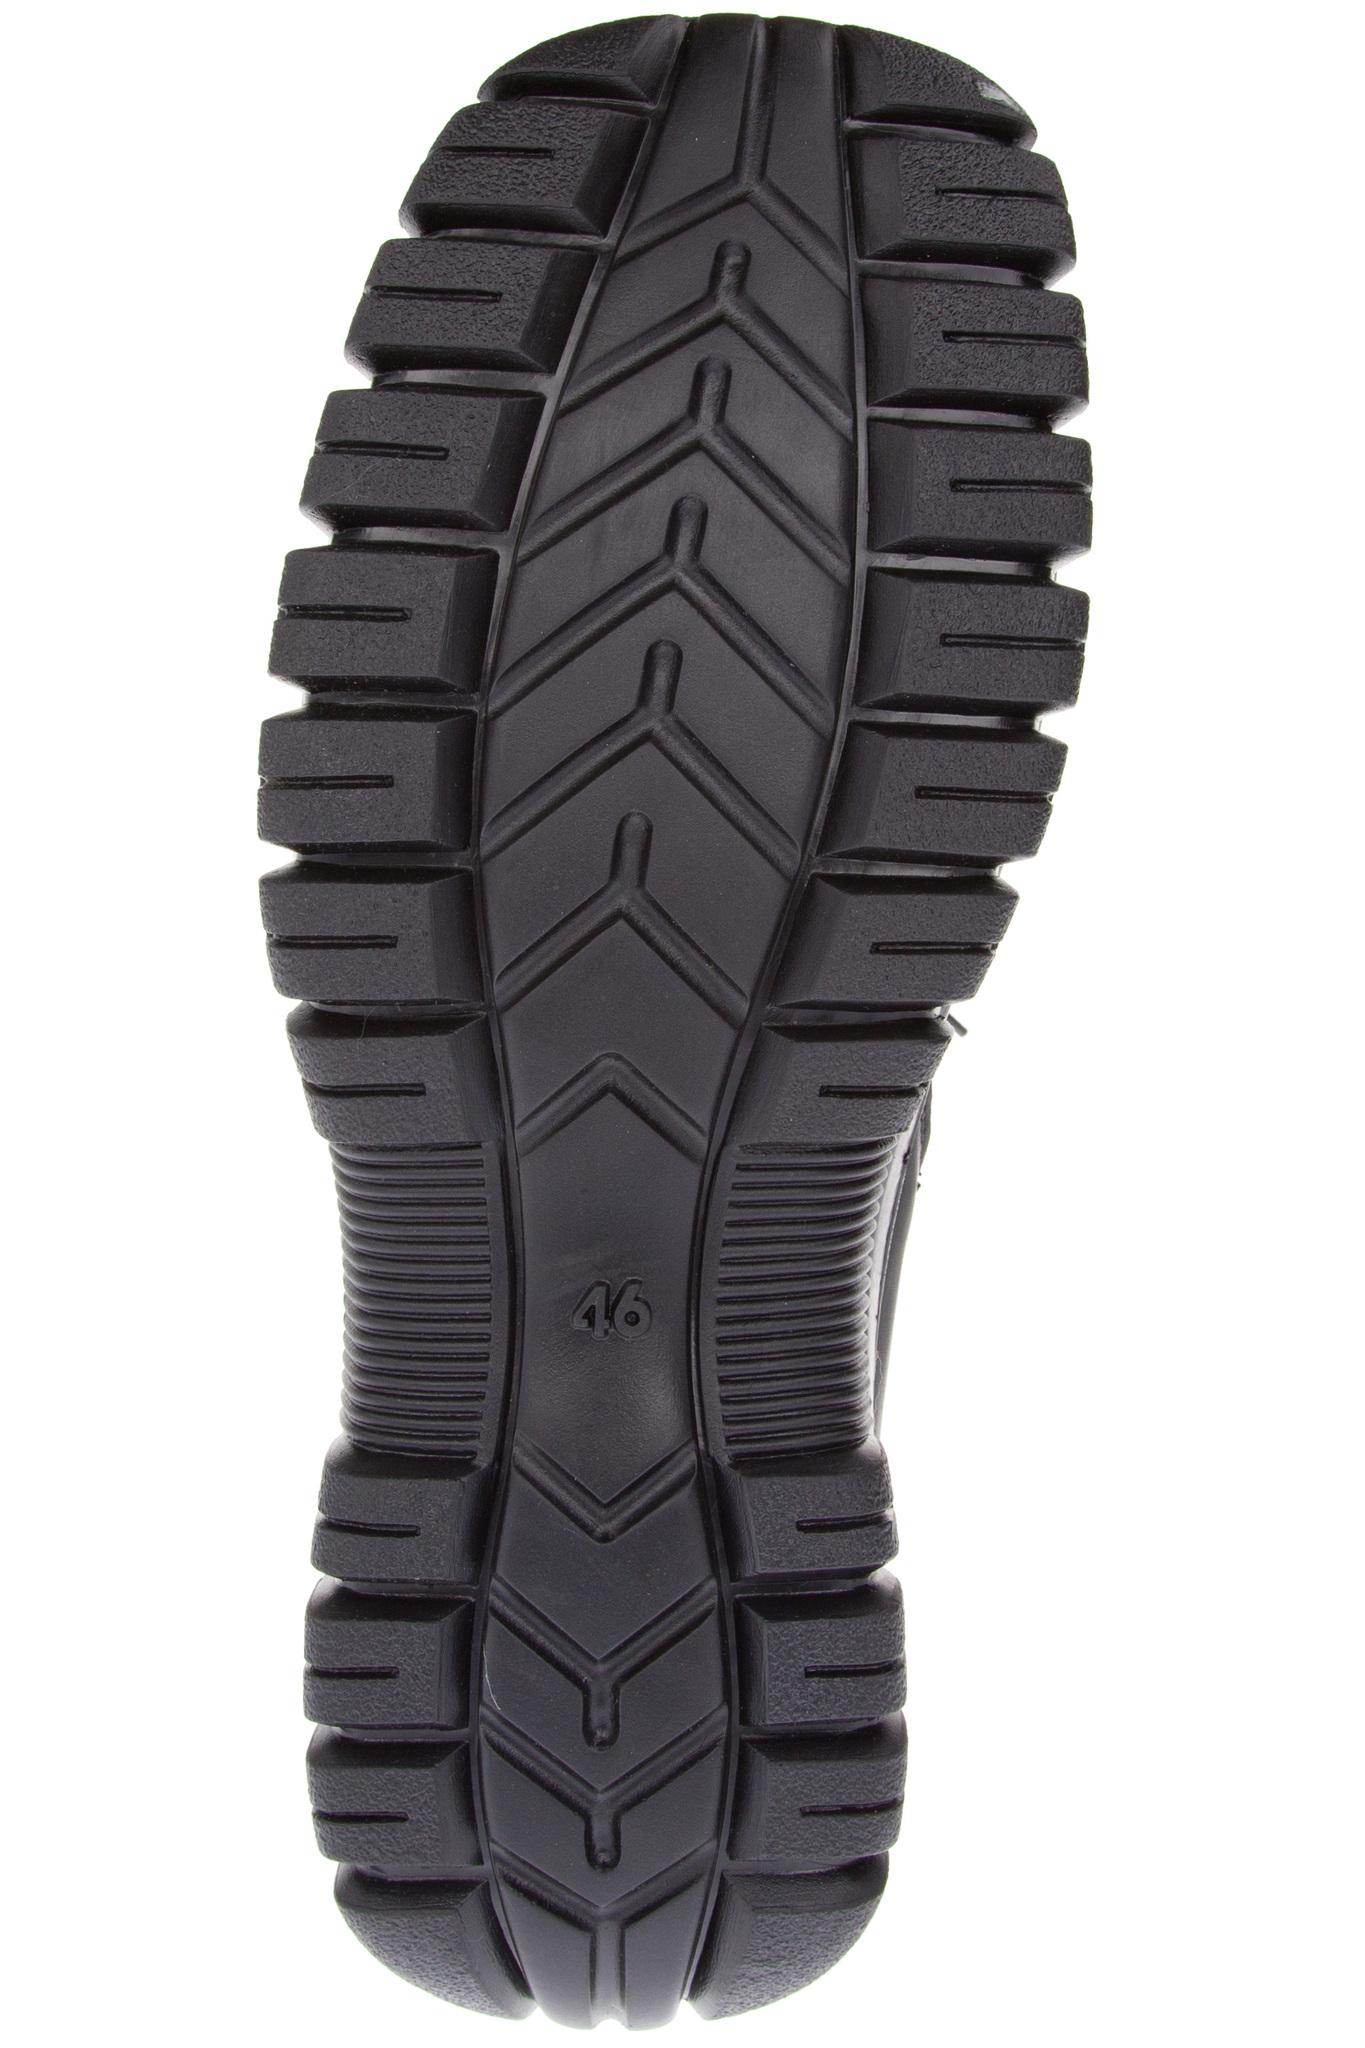 066314 п\ботинки мужские больших размеров марки Делфино